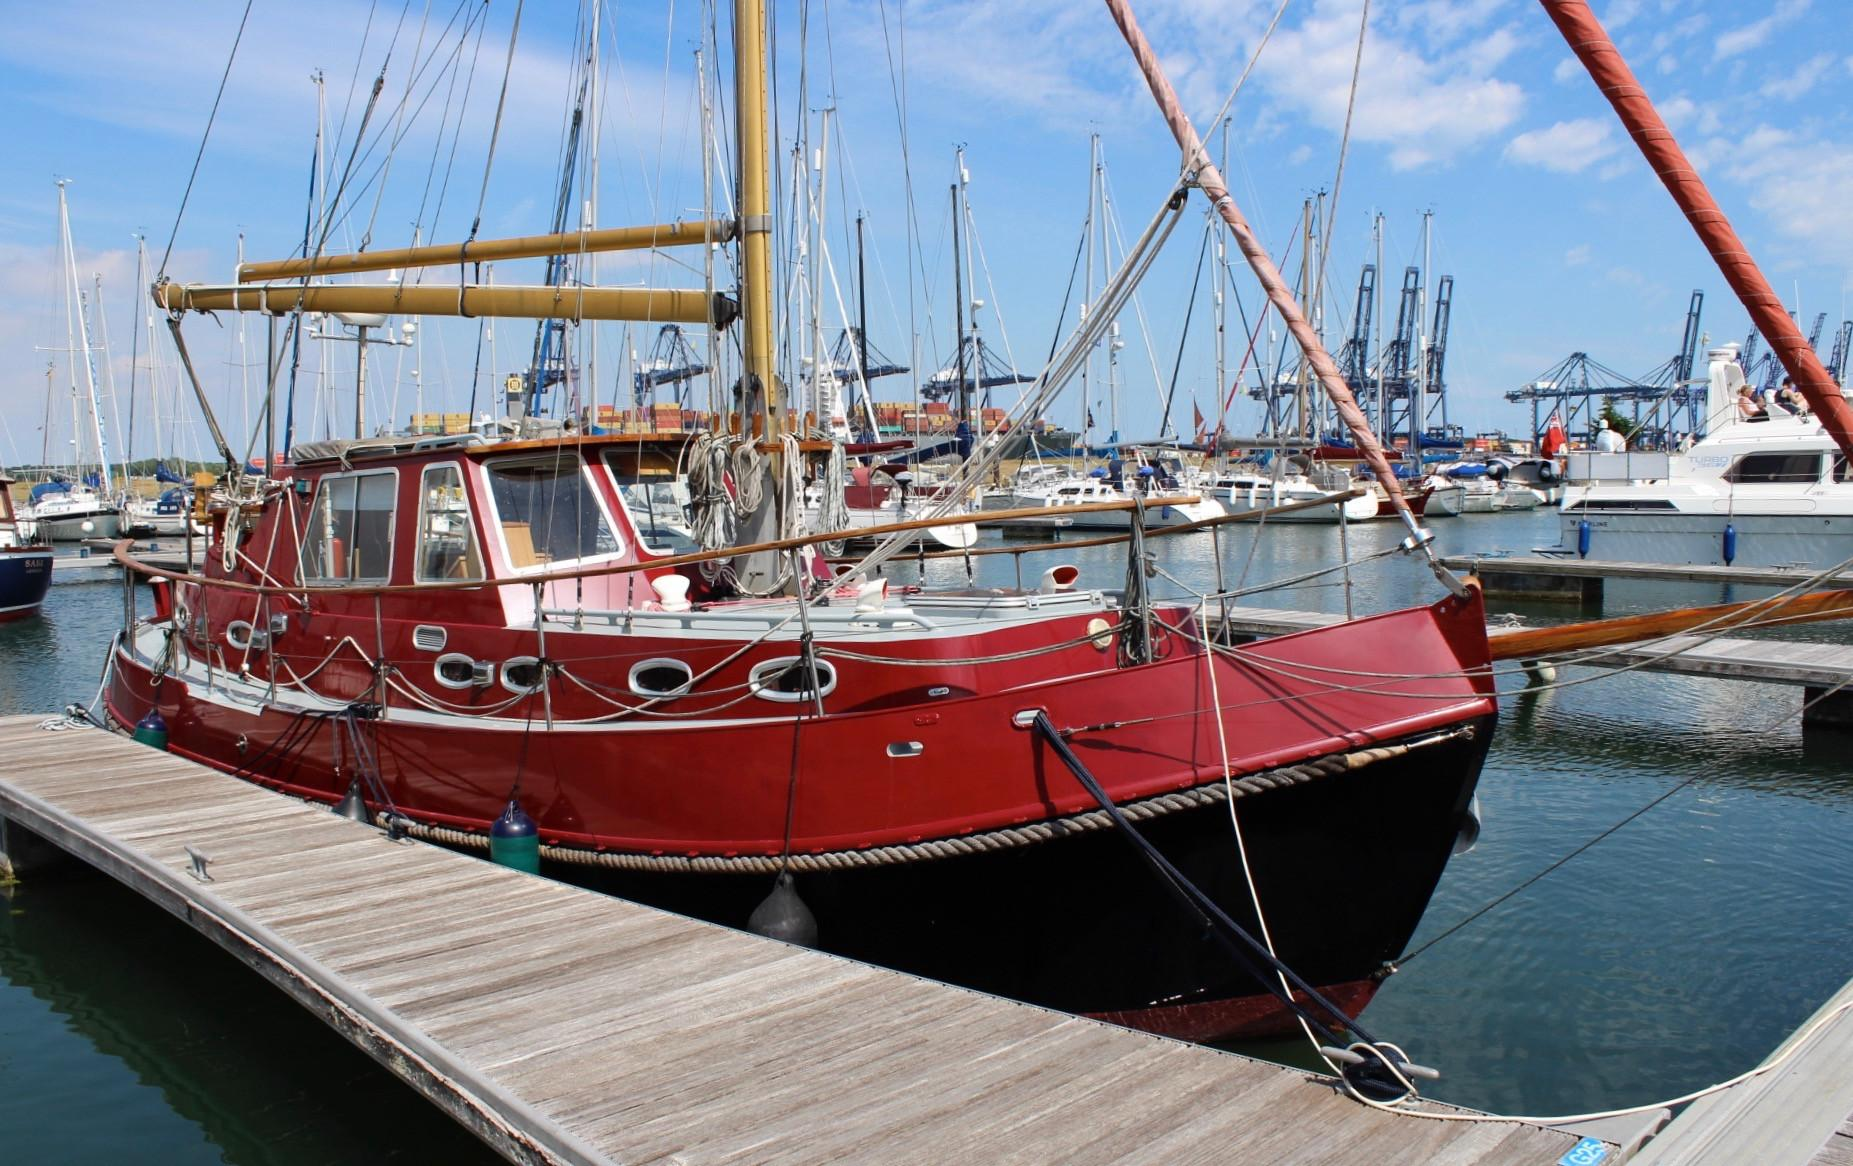 Peter Nicholls Steelboats Huffler 35 Gaff Cutter